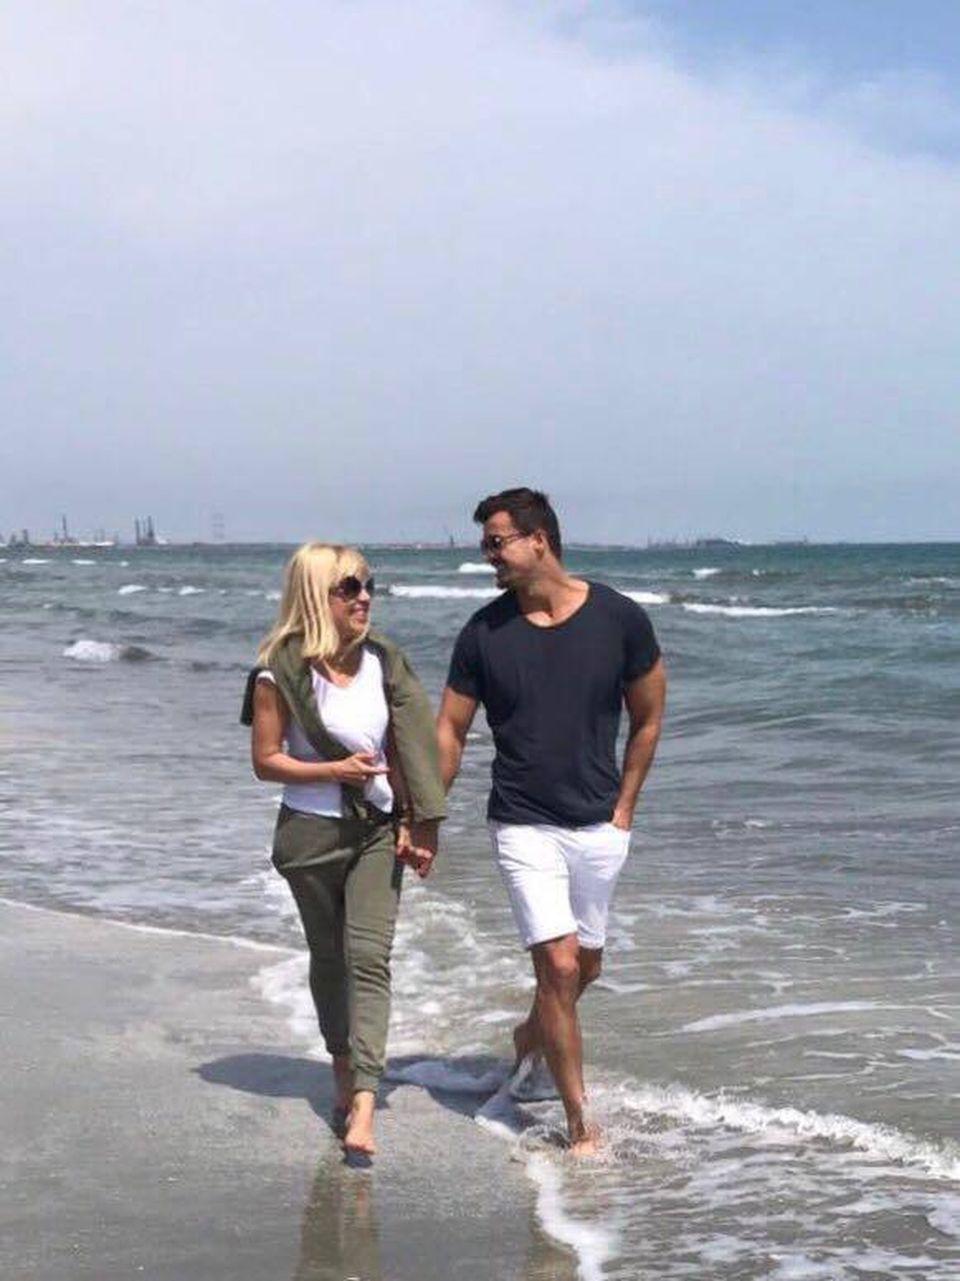 Am găsit-o pe soacra Elenei Udrea! Mama lui Adrian Alexandrov este stabilită în Italia! Femeia îşi umple timpul croşetând pulovere pentru familie, în timp ce fiul ei se ocupă de bebeluşă în Costa Rica FOTO